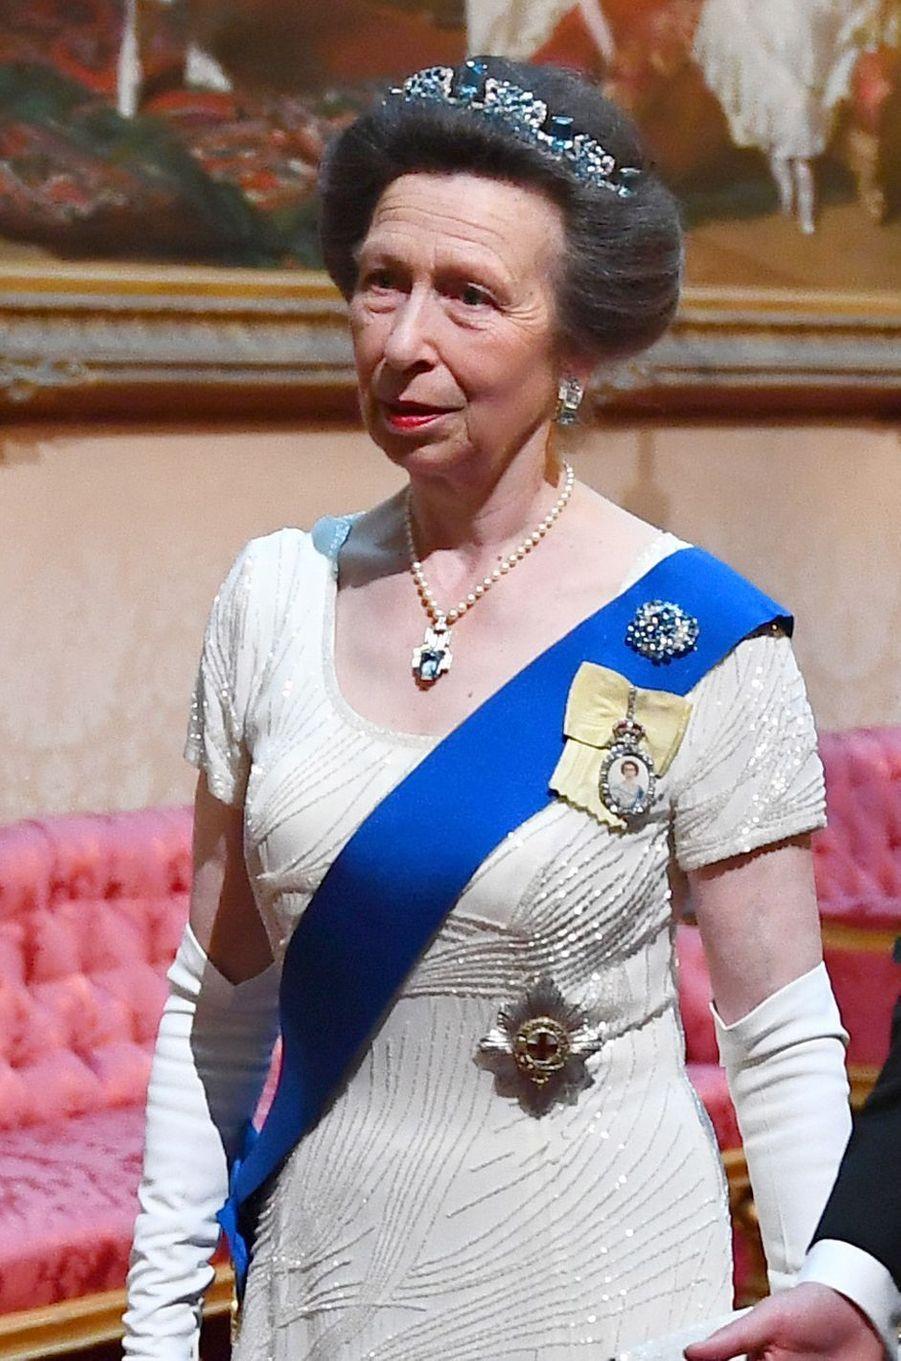 Détail de la robe de la princesse Anne, à Londres le 3 juin 2019